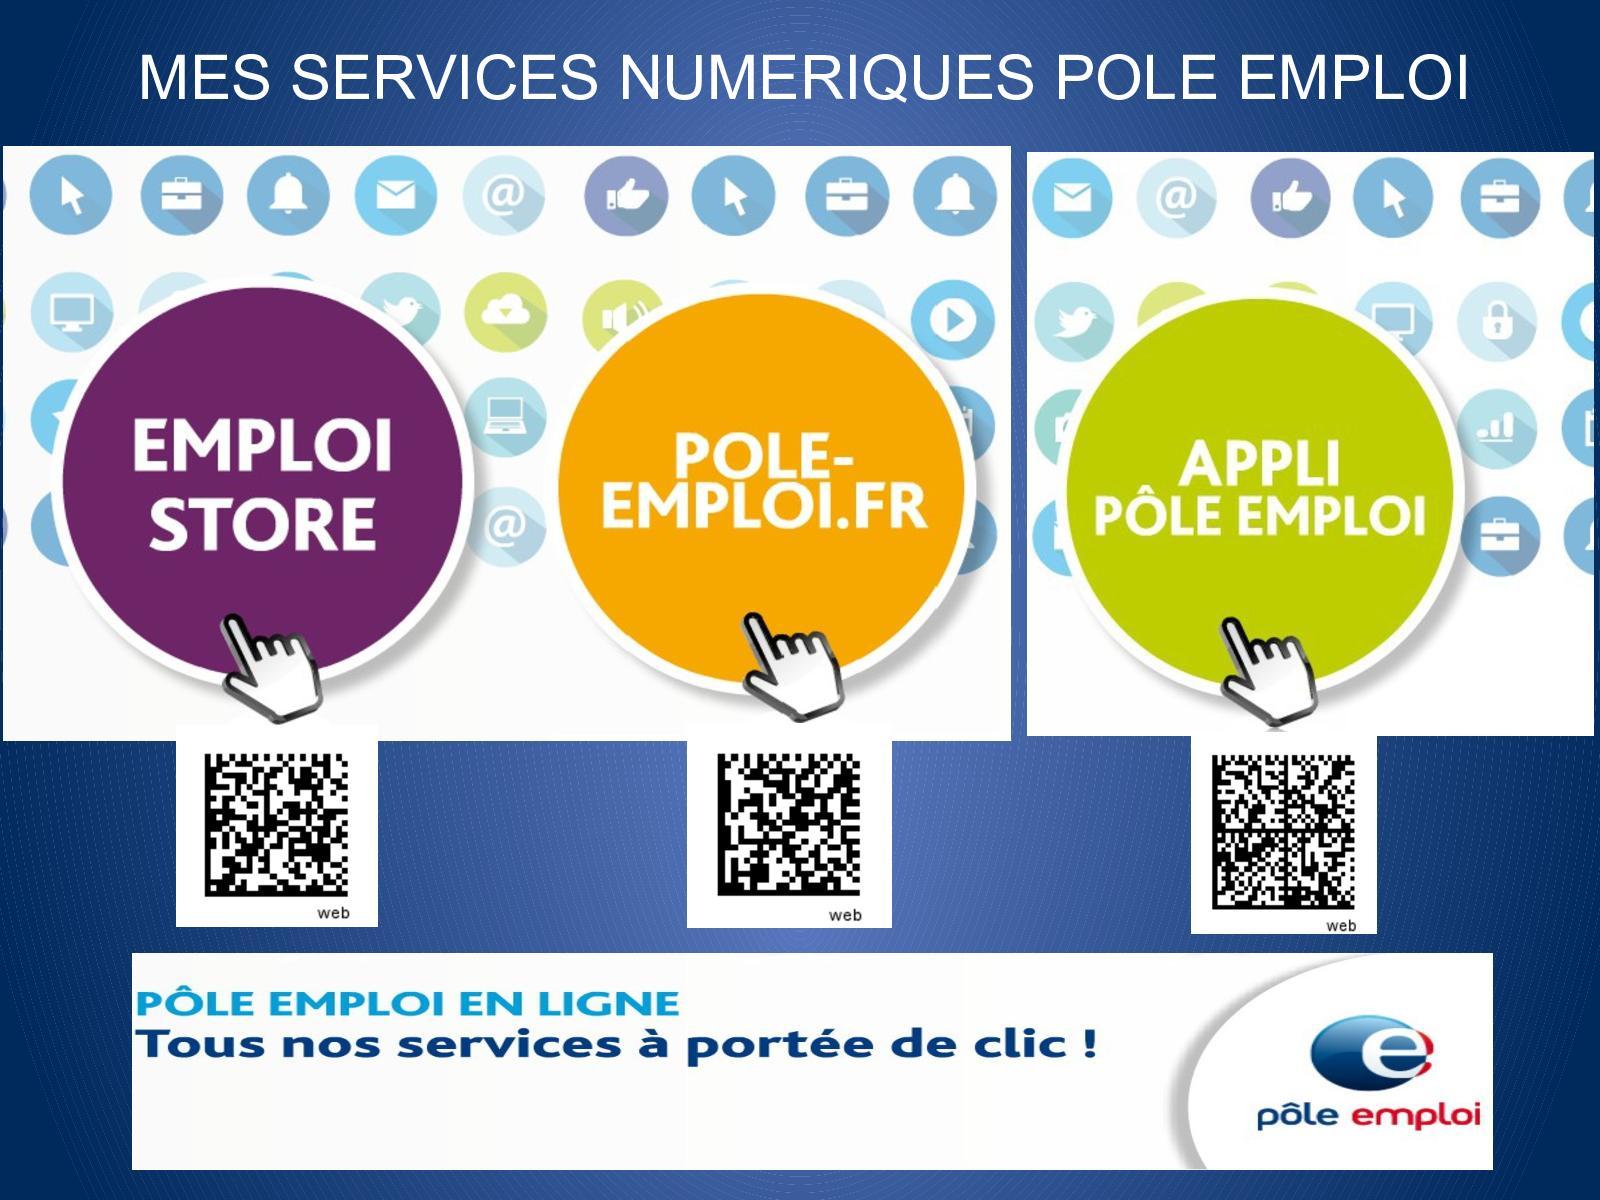 Calameo Le Guide De Mes Services Numeriques Pole Emploi